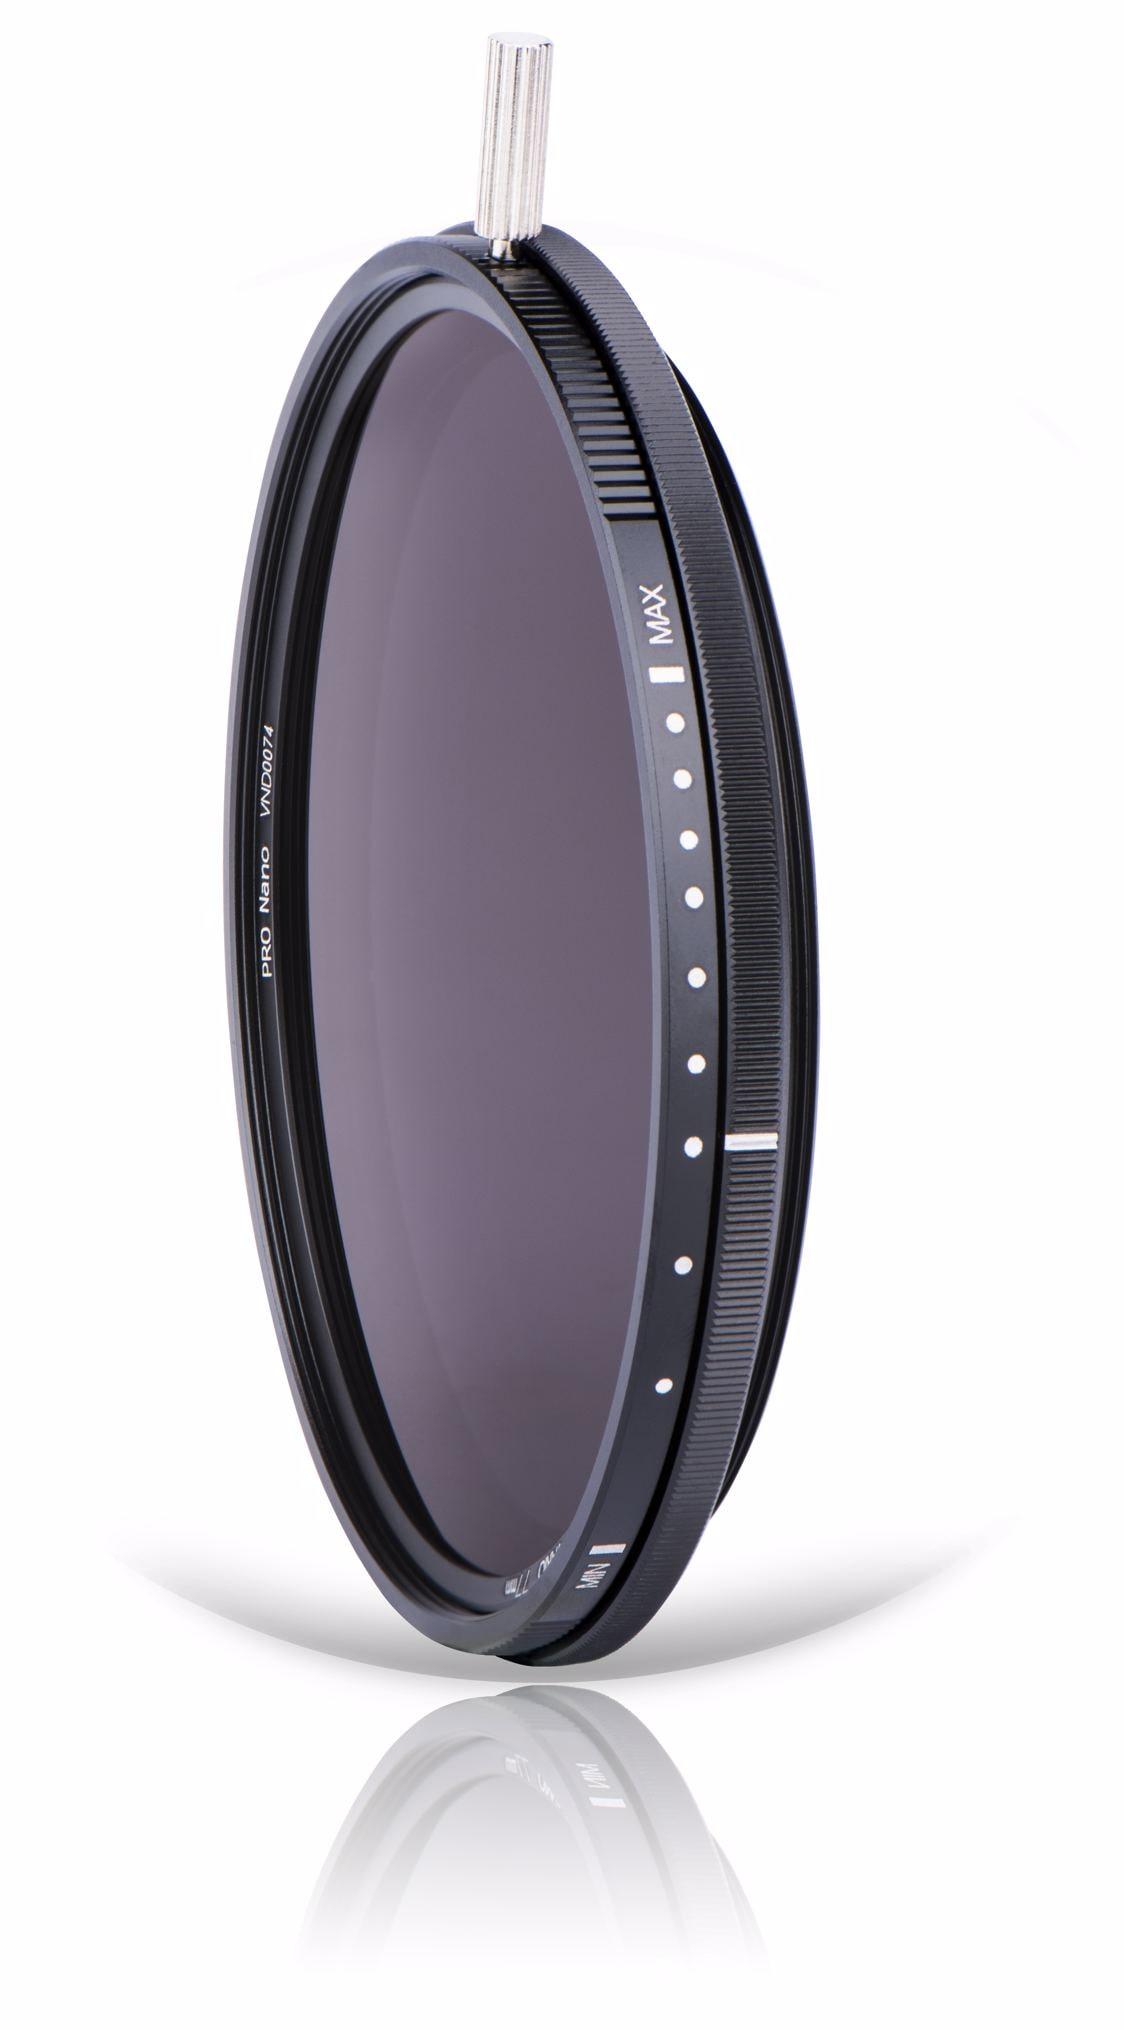 NiSi ND-VARIO 5-9 STOPS PRO NANO 95mm